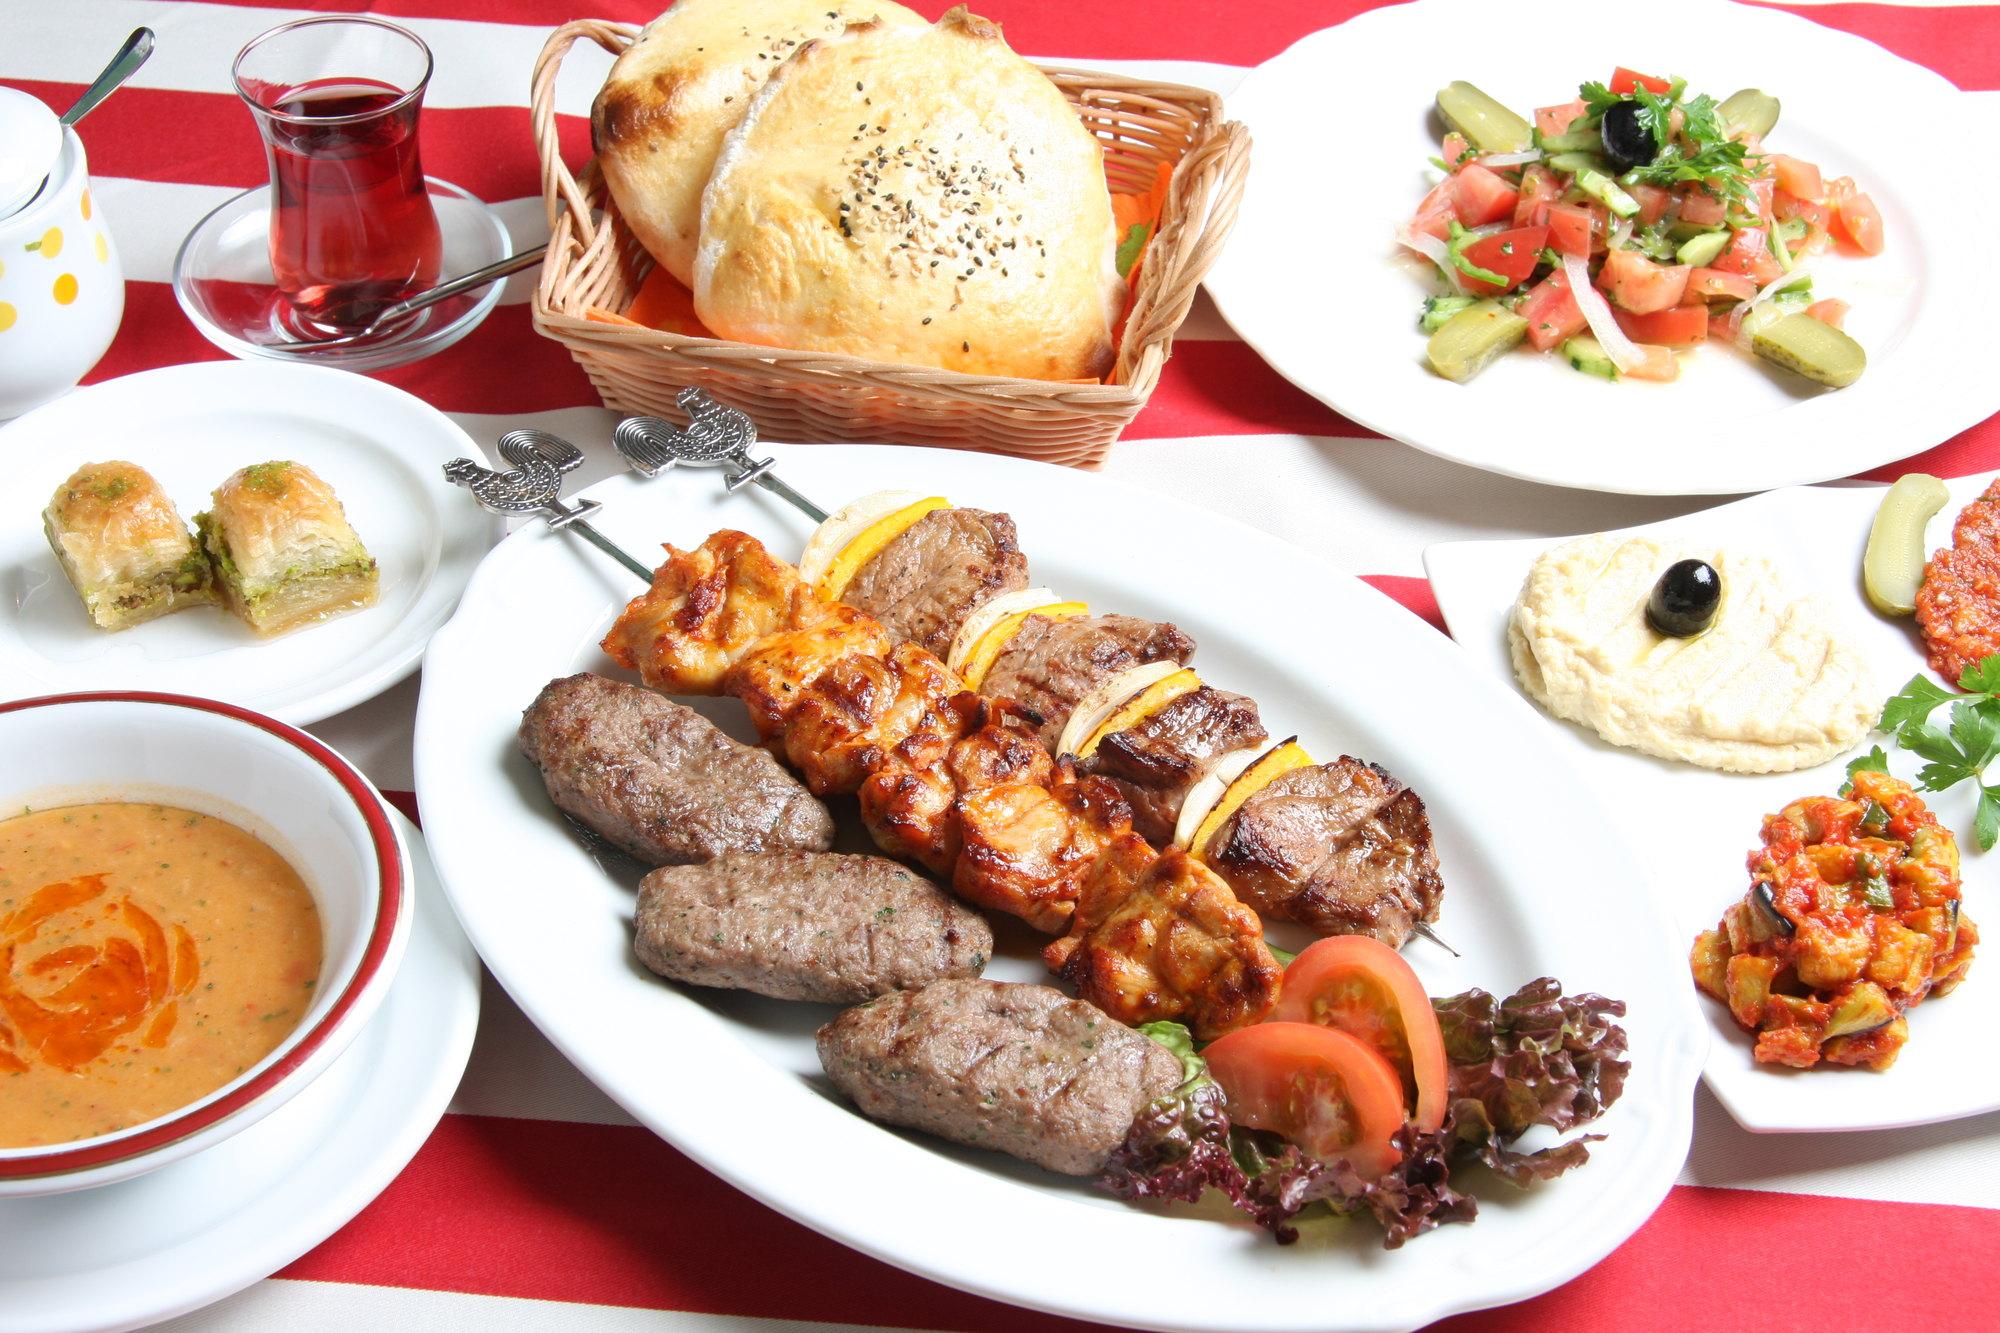 トルコ料理って美味しいの?どんな料理?